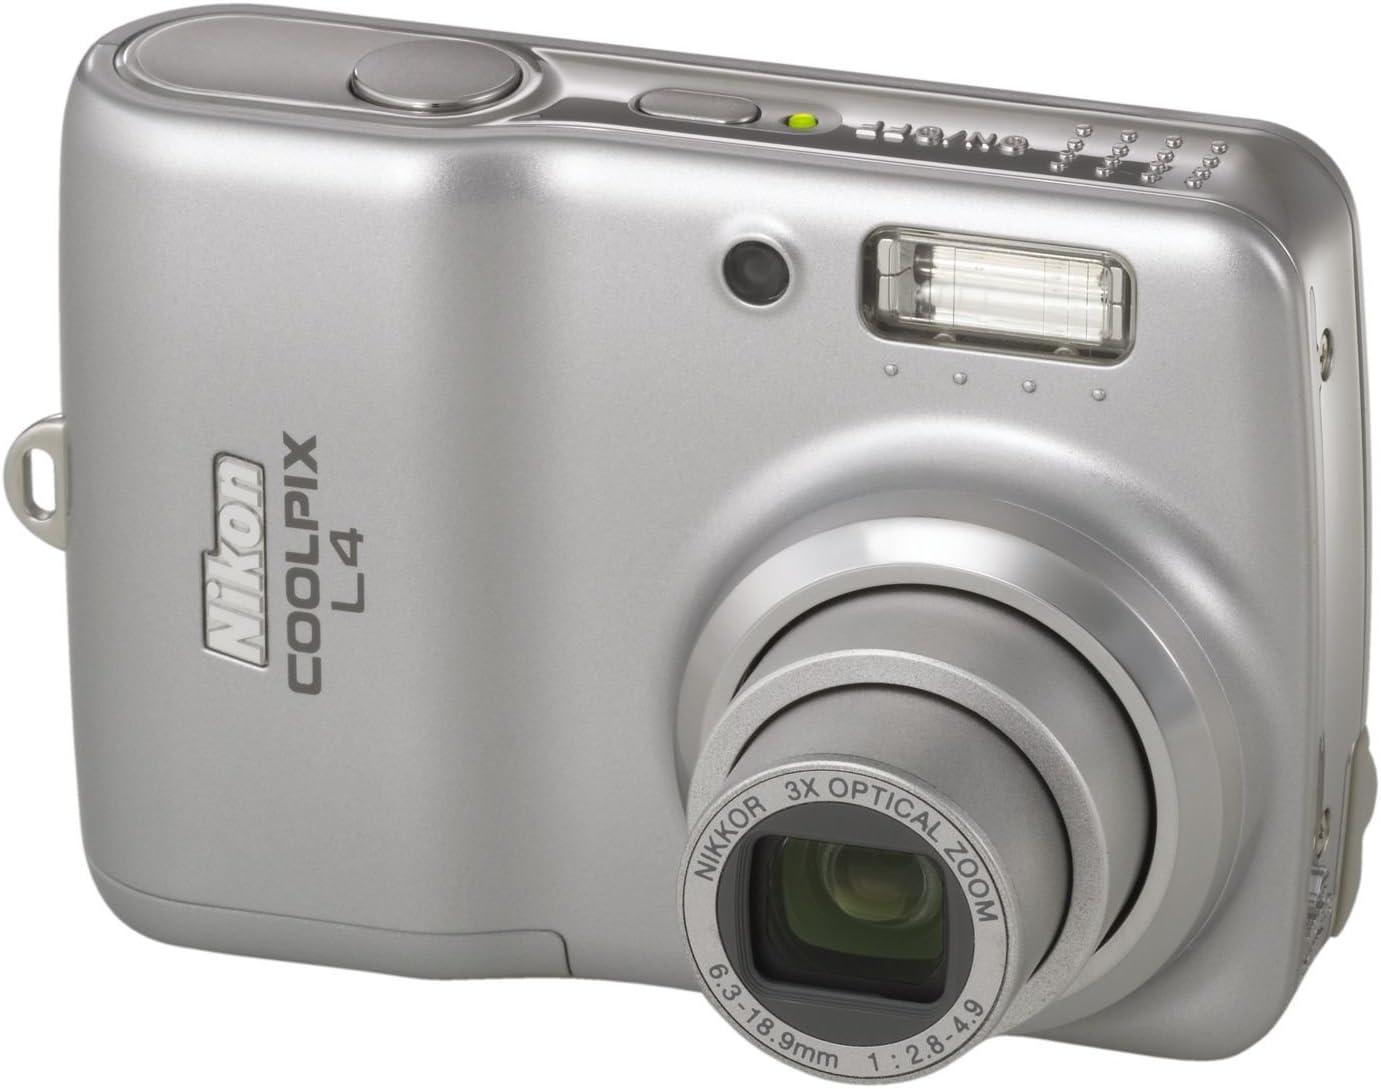 Nikon Coolpix L4 Digitalkamera 4 Megapixel